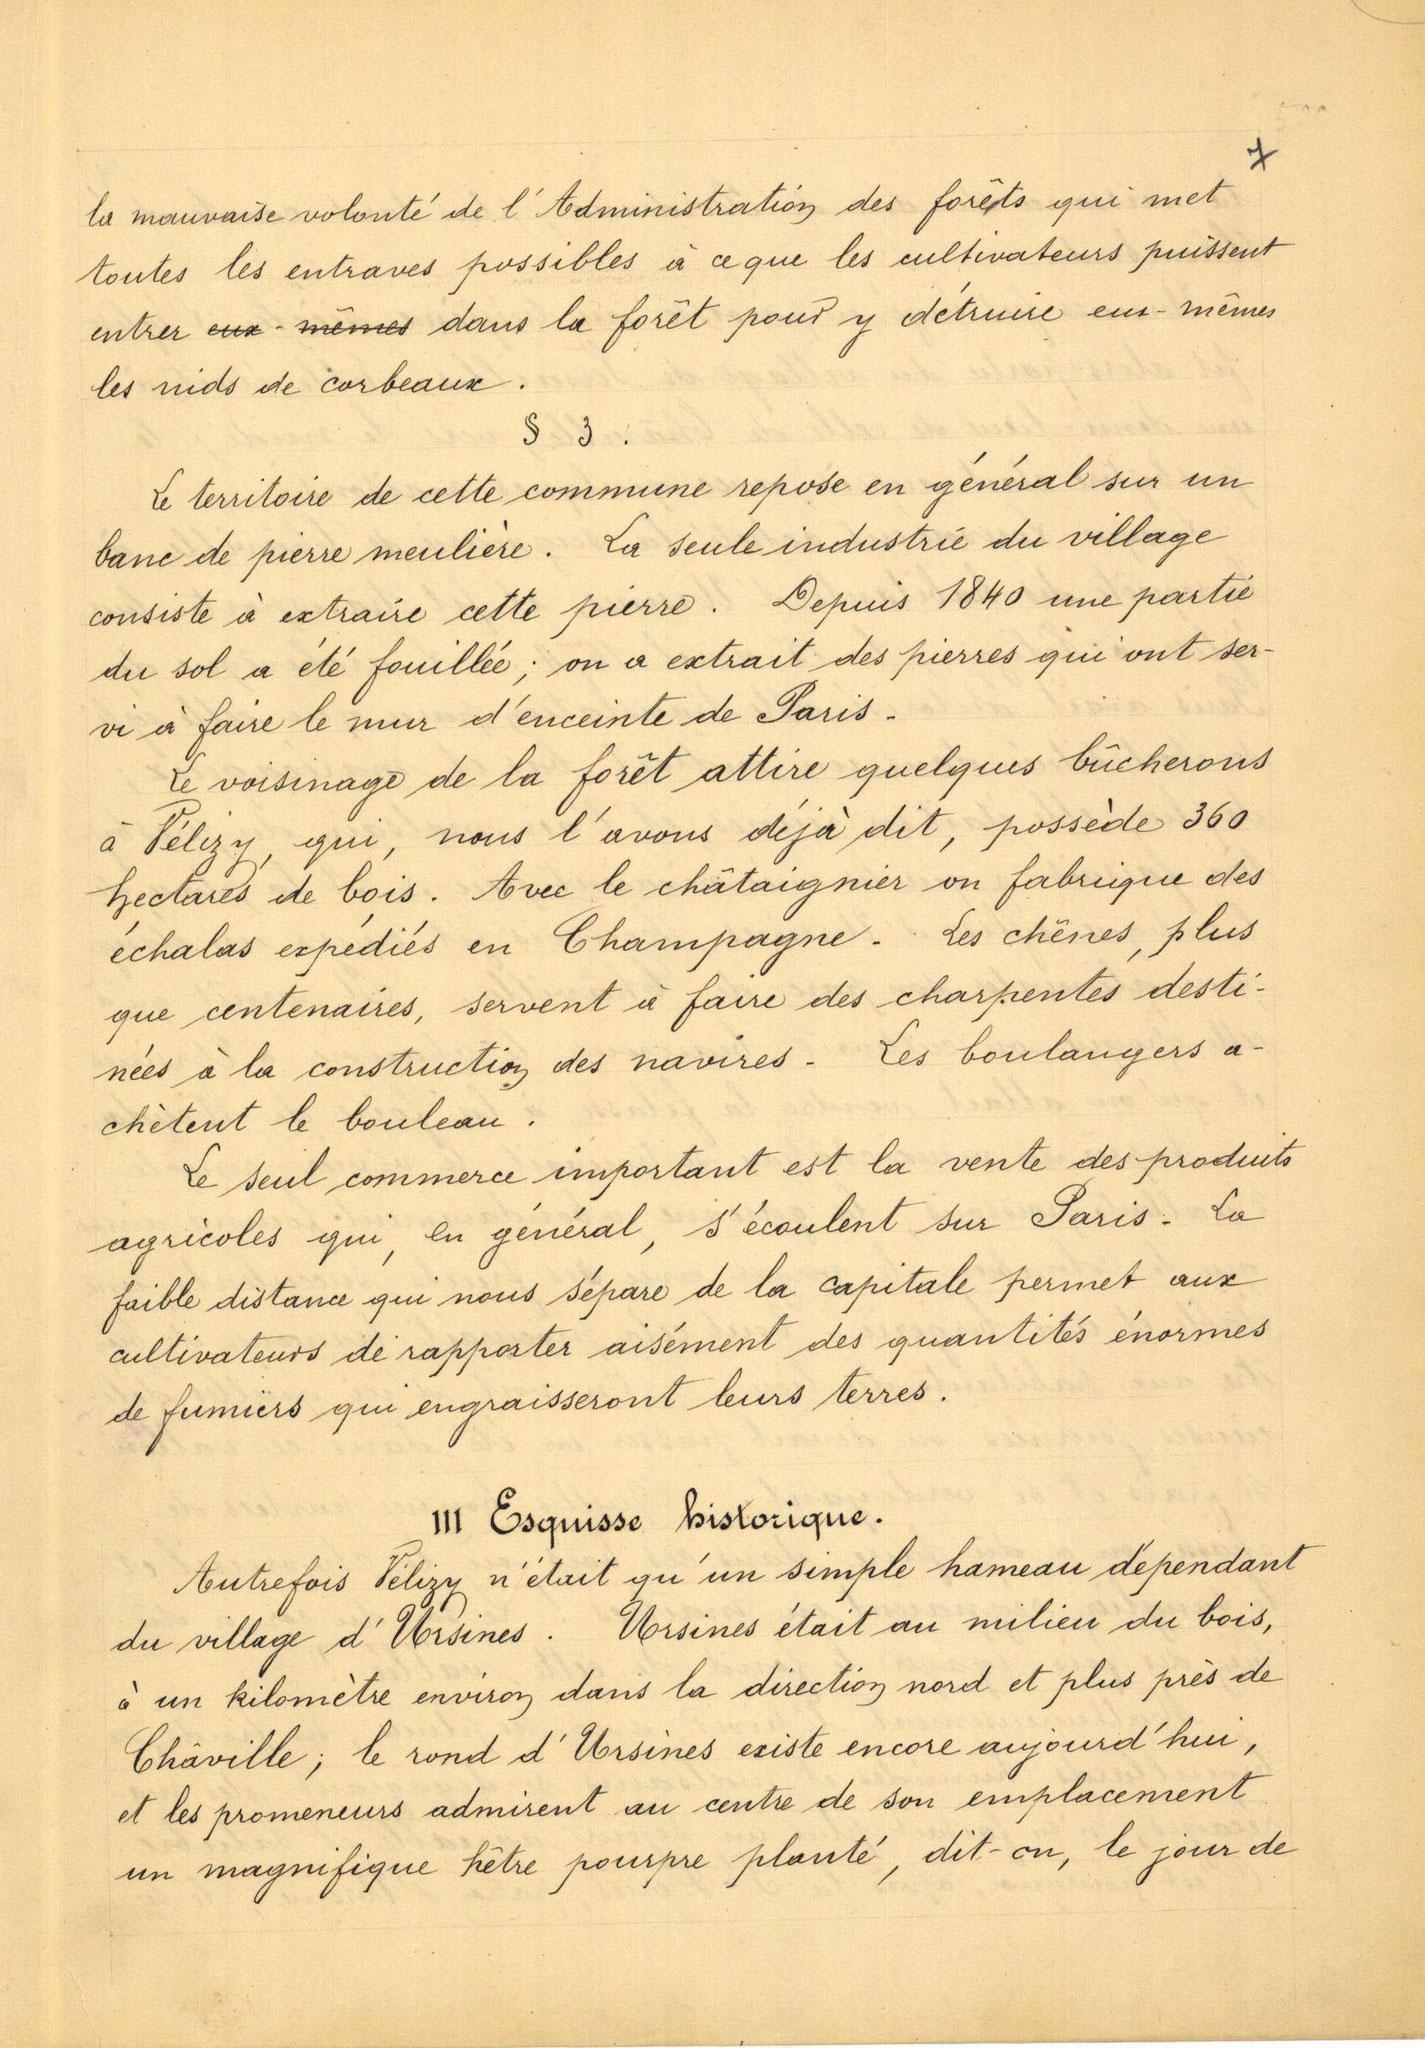 Page 7 - Monographie communale de l'instituteur de Vélizy, 1899